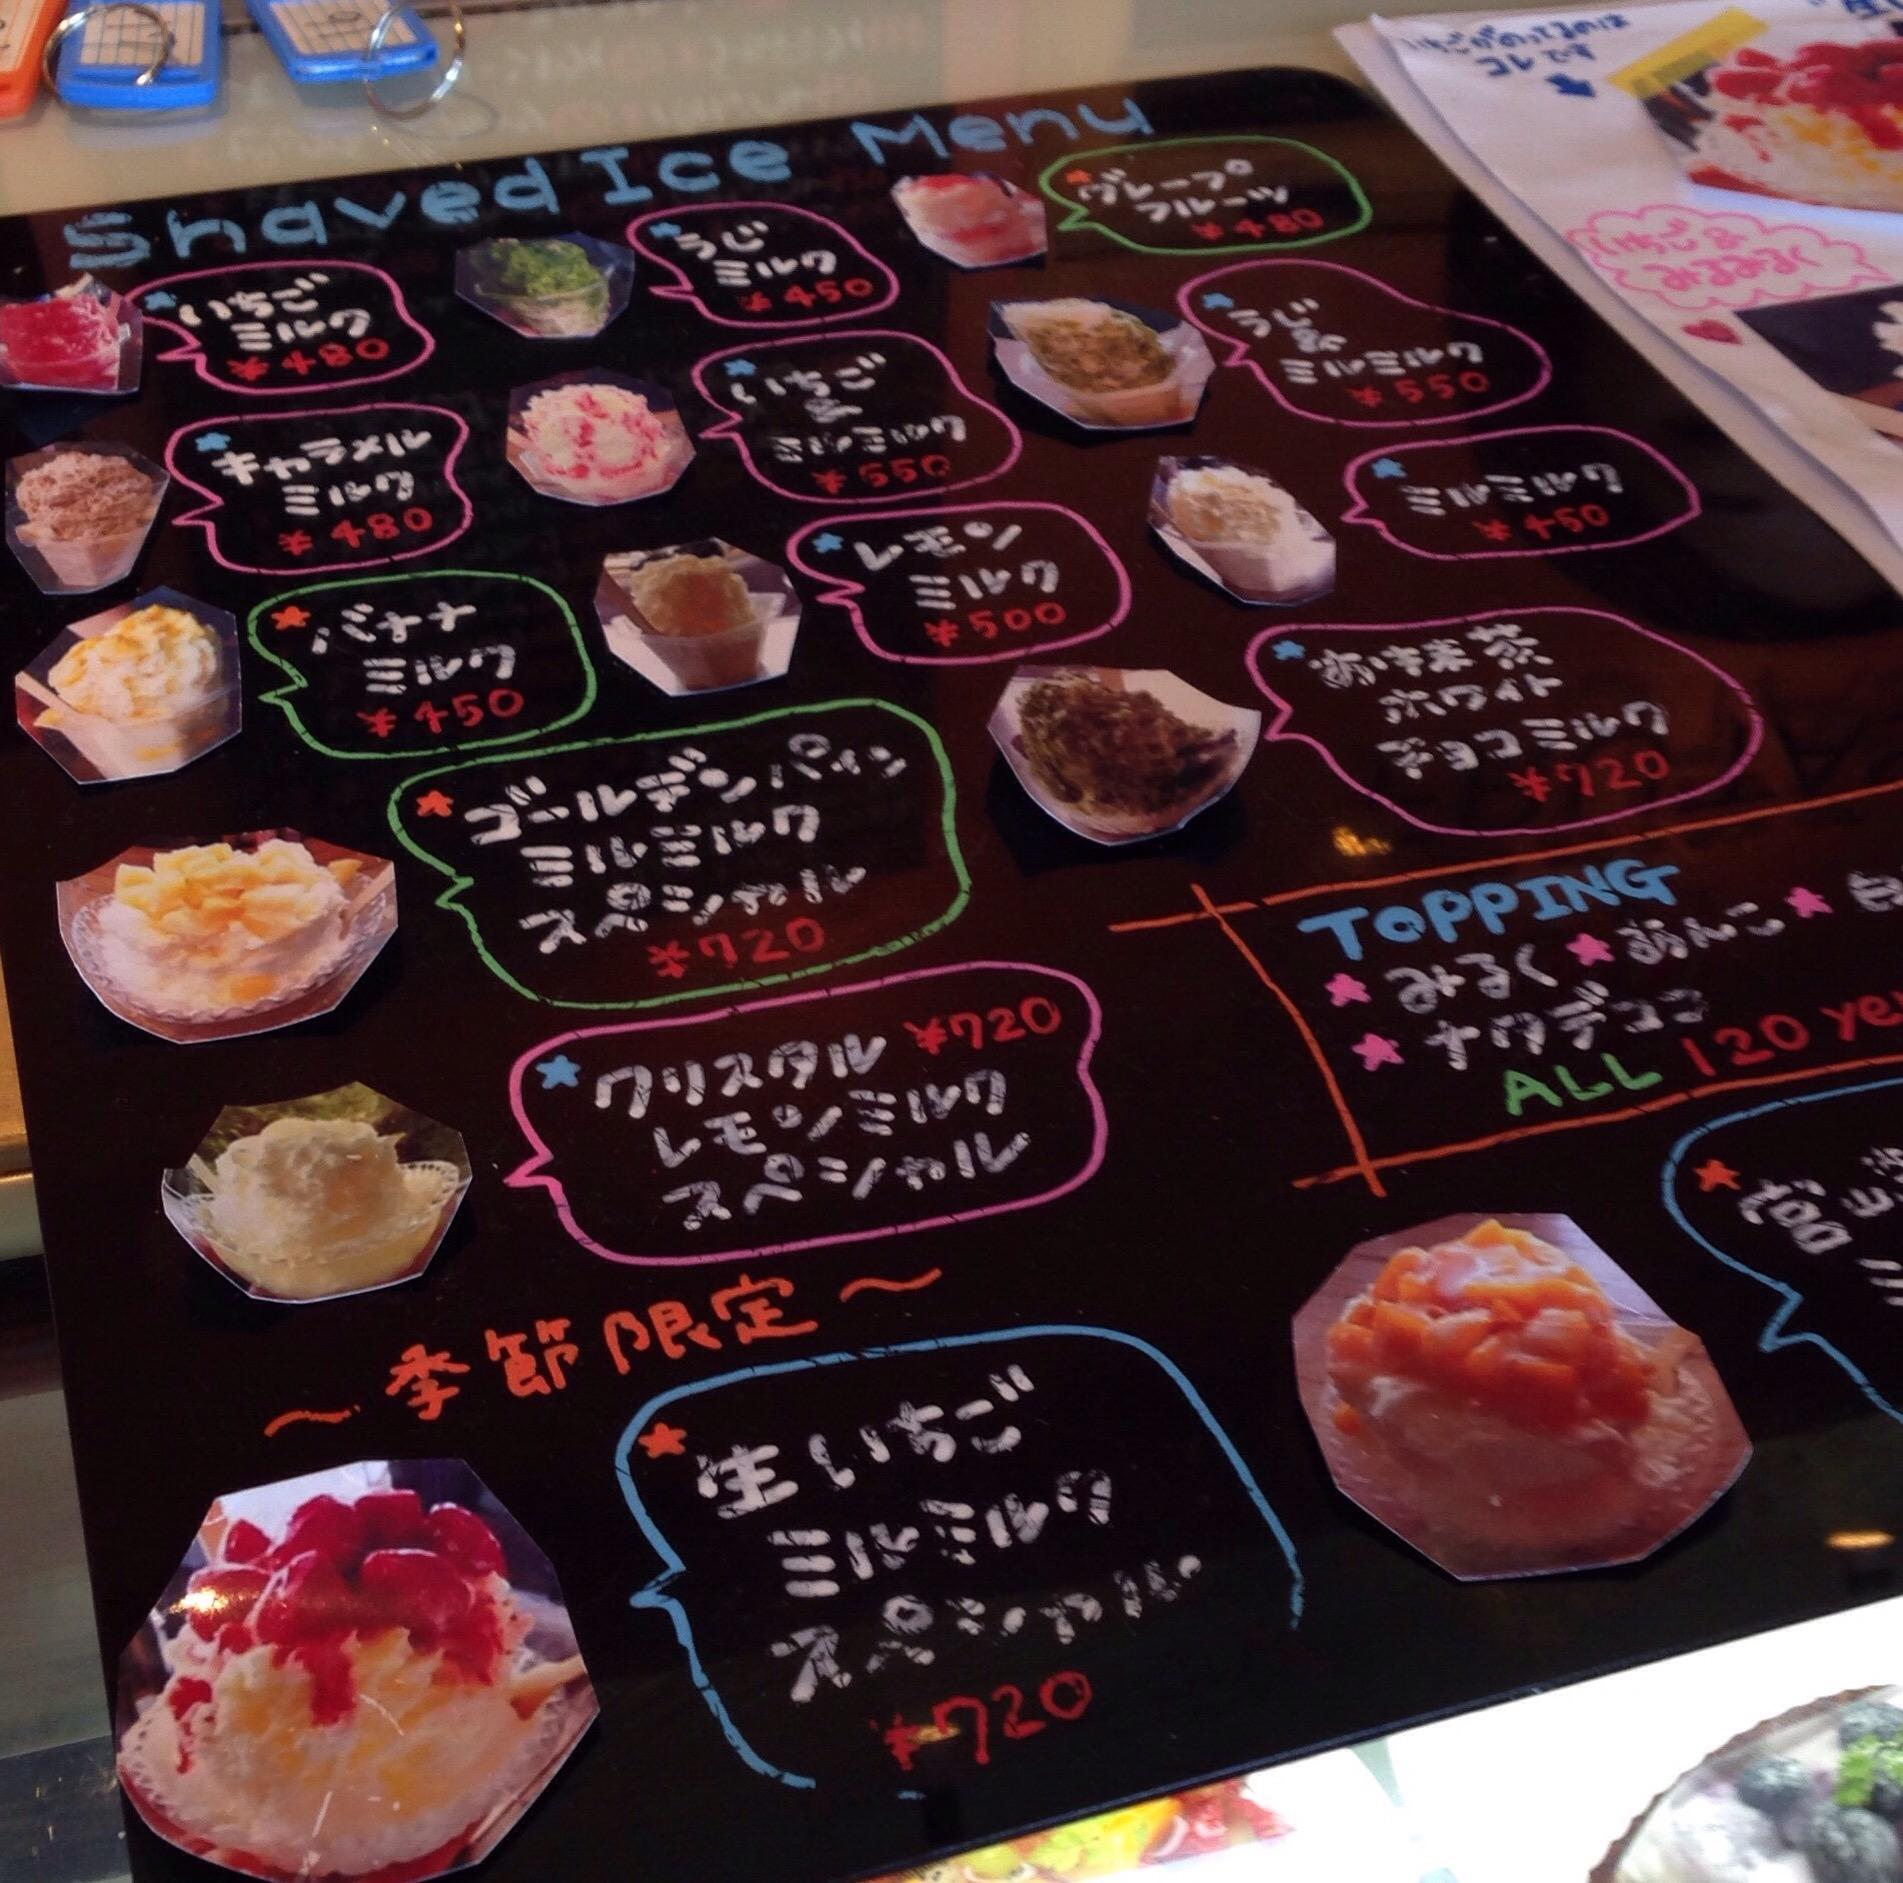 暑い時期に食べたい岡山の名店「おまち堂&FRUTAS」のフルーツまみれかき氷!